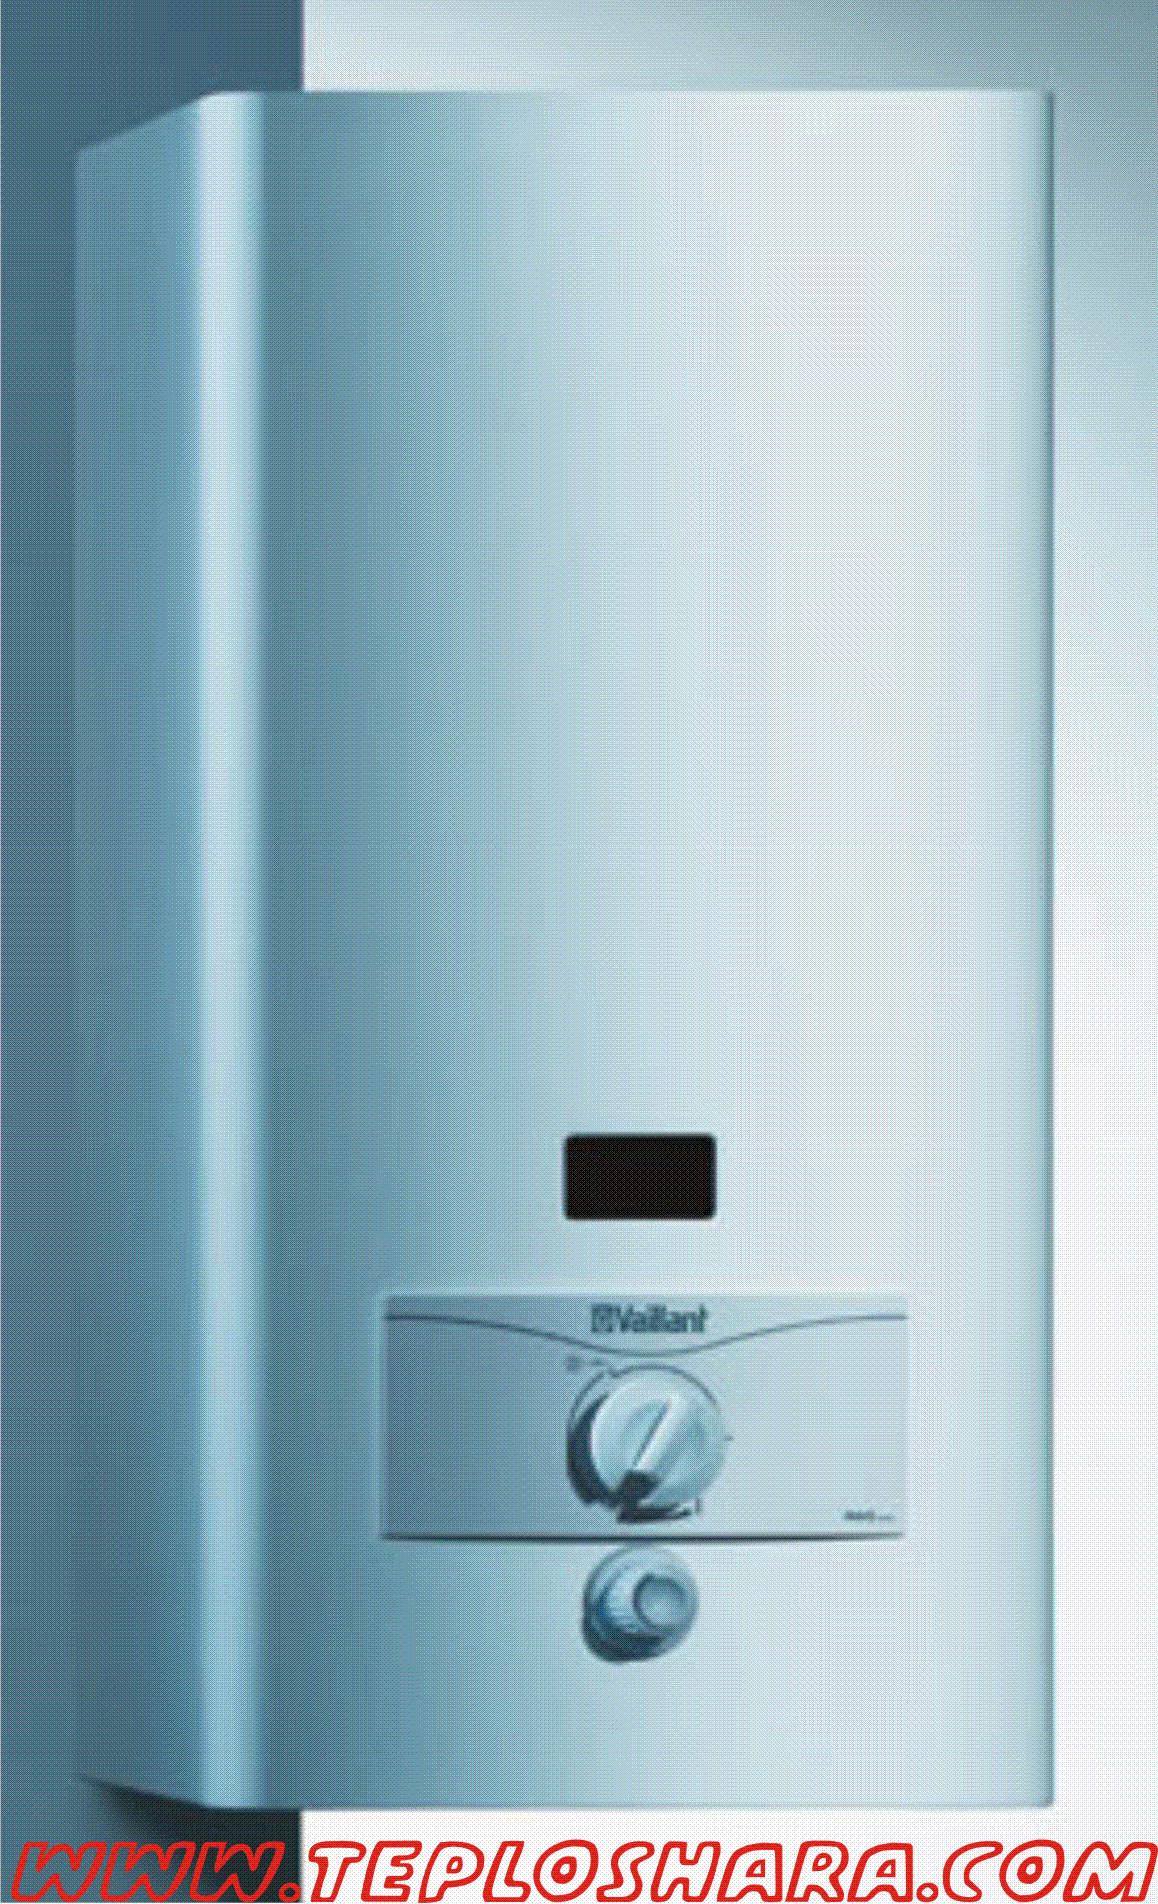 газовый проточный водонагреватель оазис инструкция по установке